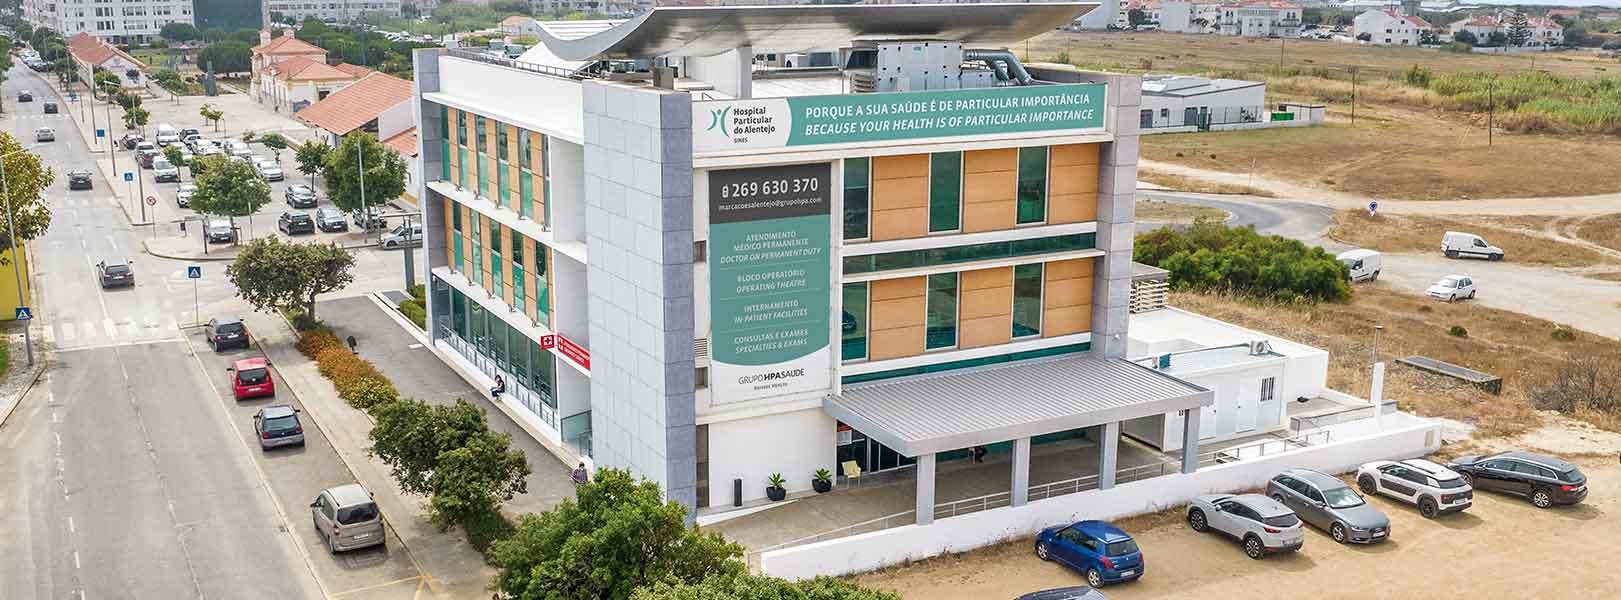 Algarve e Alentejo juntos para mais e melhor saúde